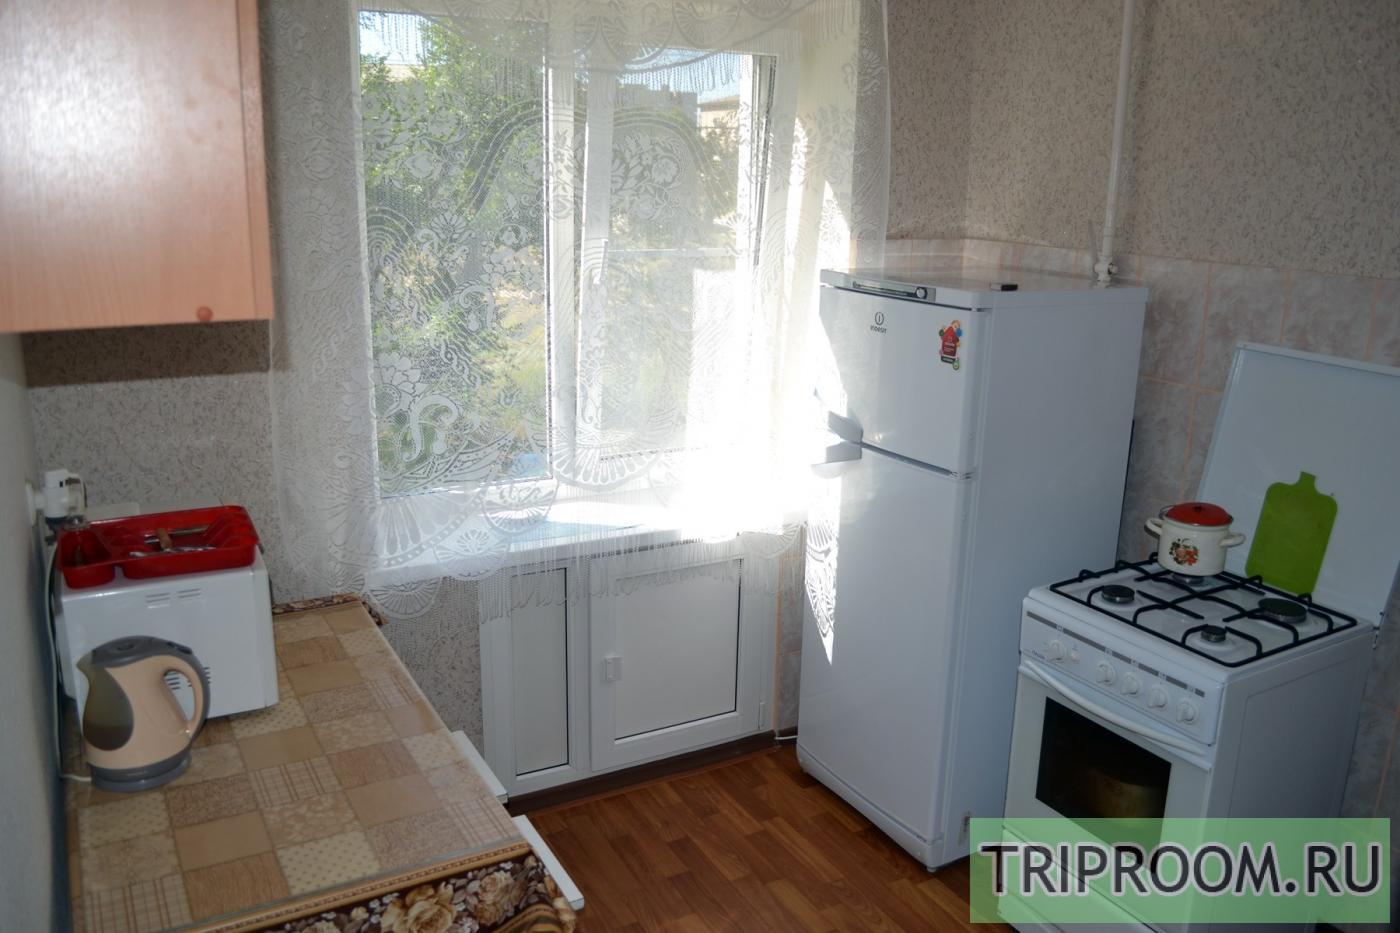 1-комнатная квартира посуточно (вариант № 7479), ул. Канатчиков проспект, фото № 4